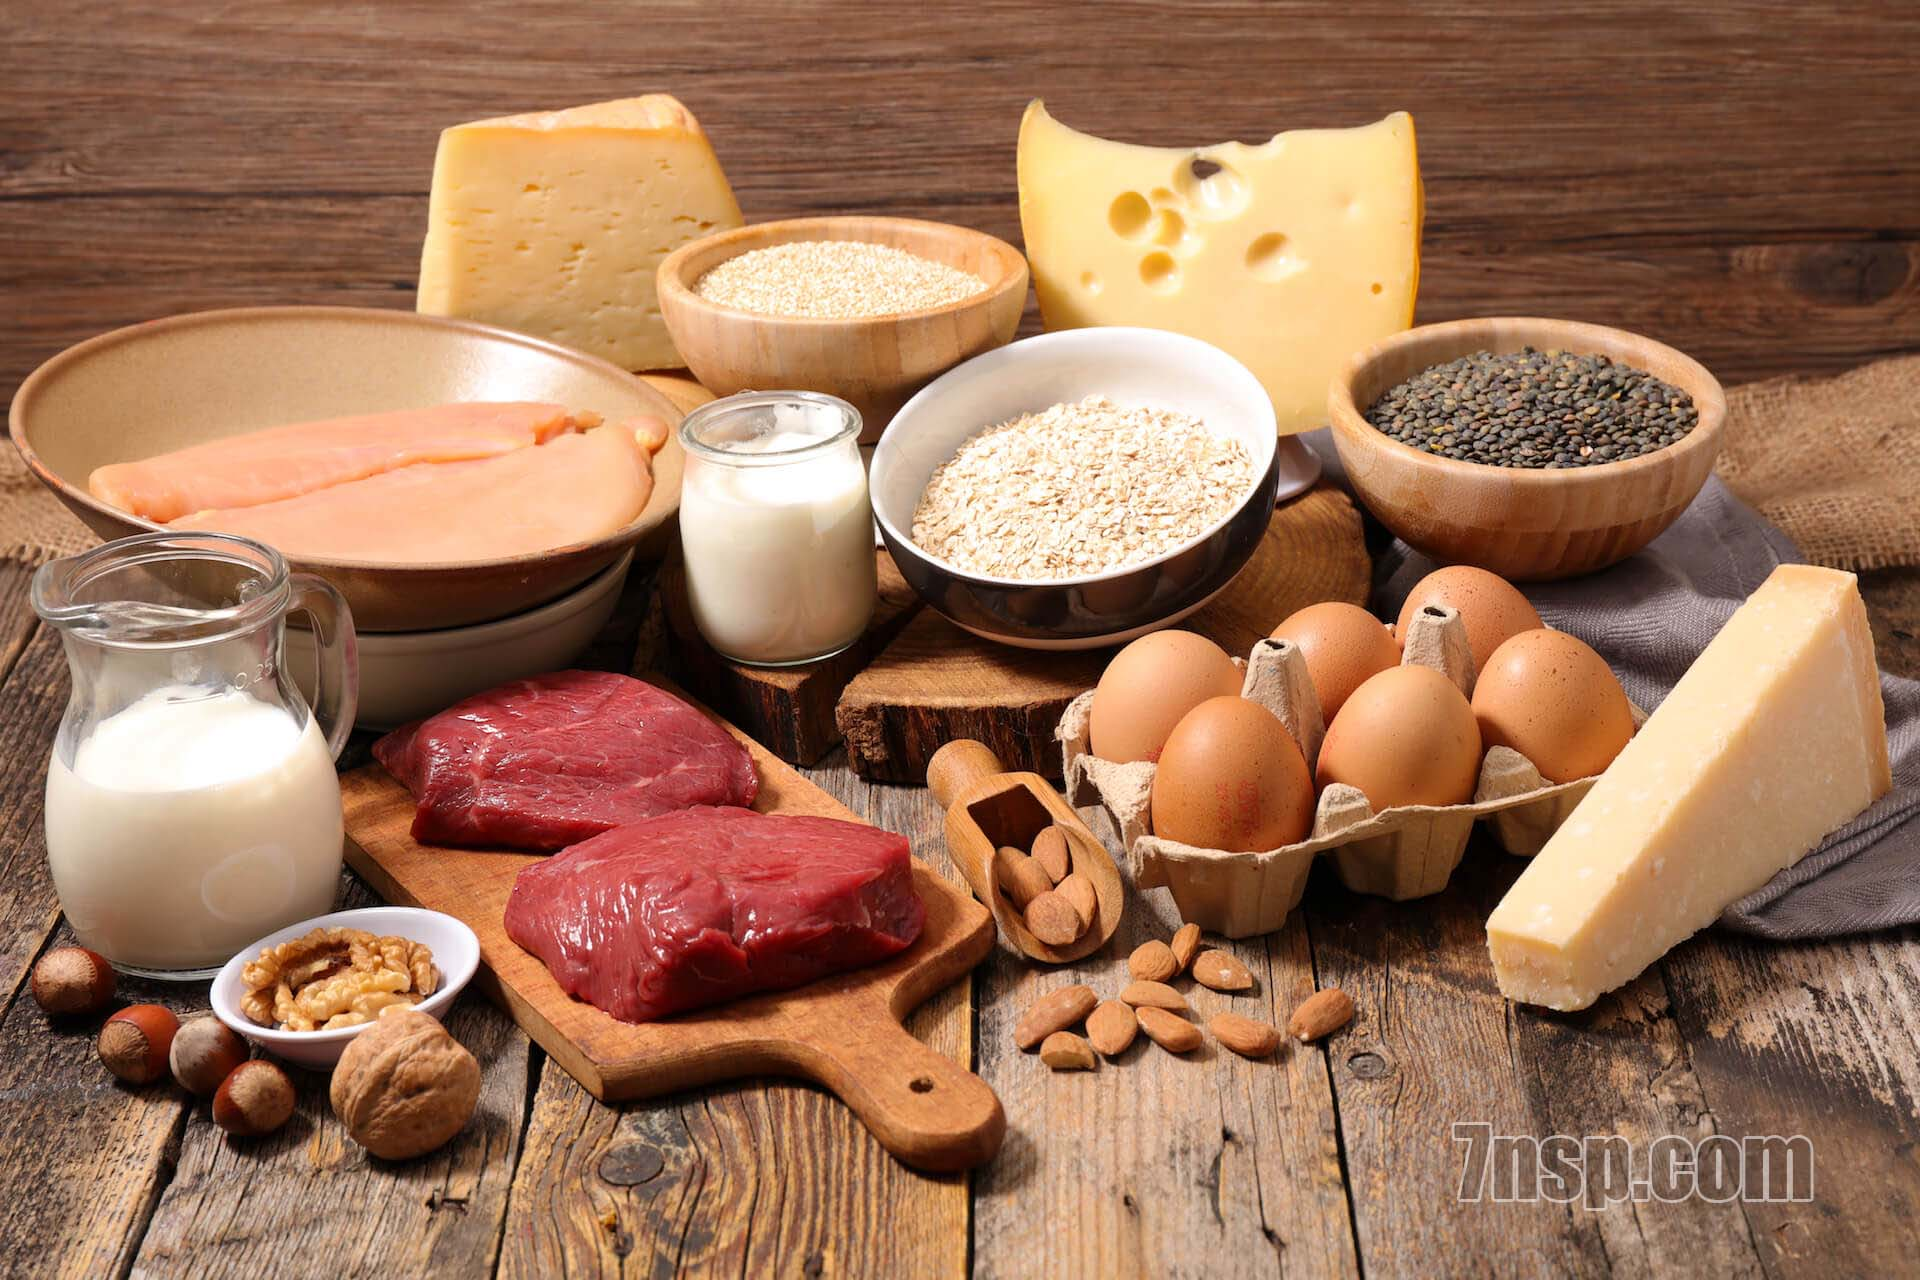 Белки в продуктах - список топ 10 продуктов с высоким содержанием белка, таблица, суточная потребность